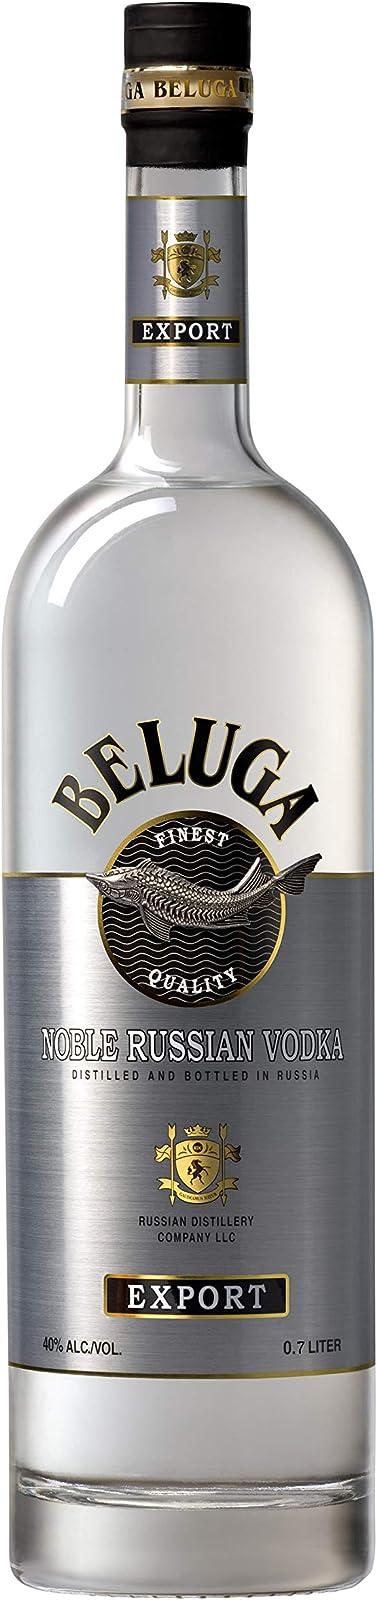 Vodka beluga noble 40% vol, 70cl  10014434